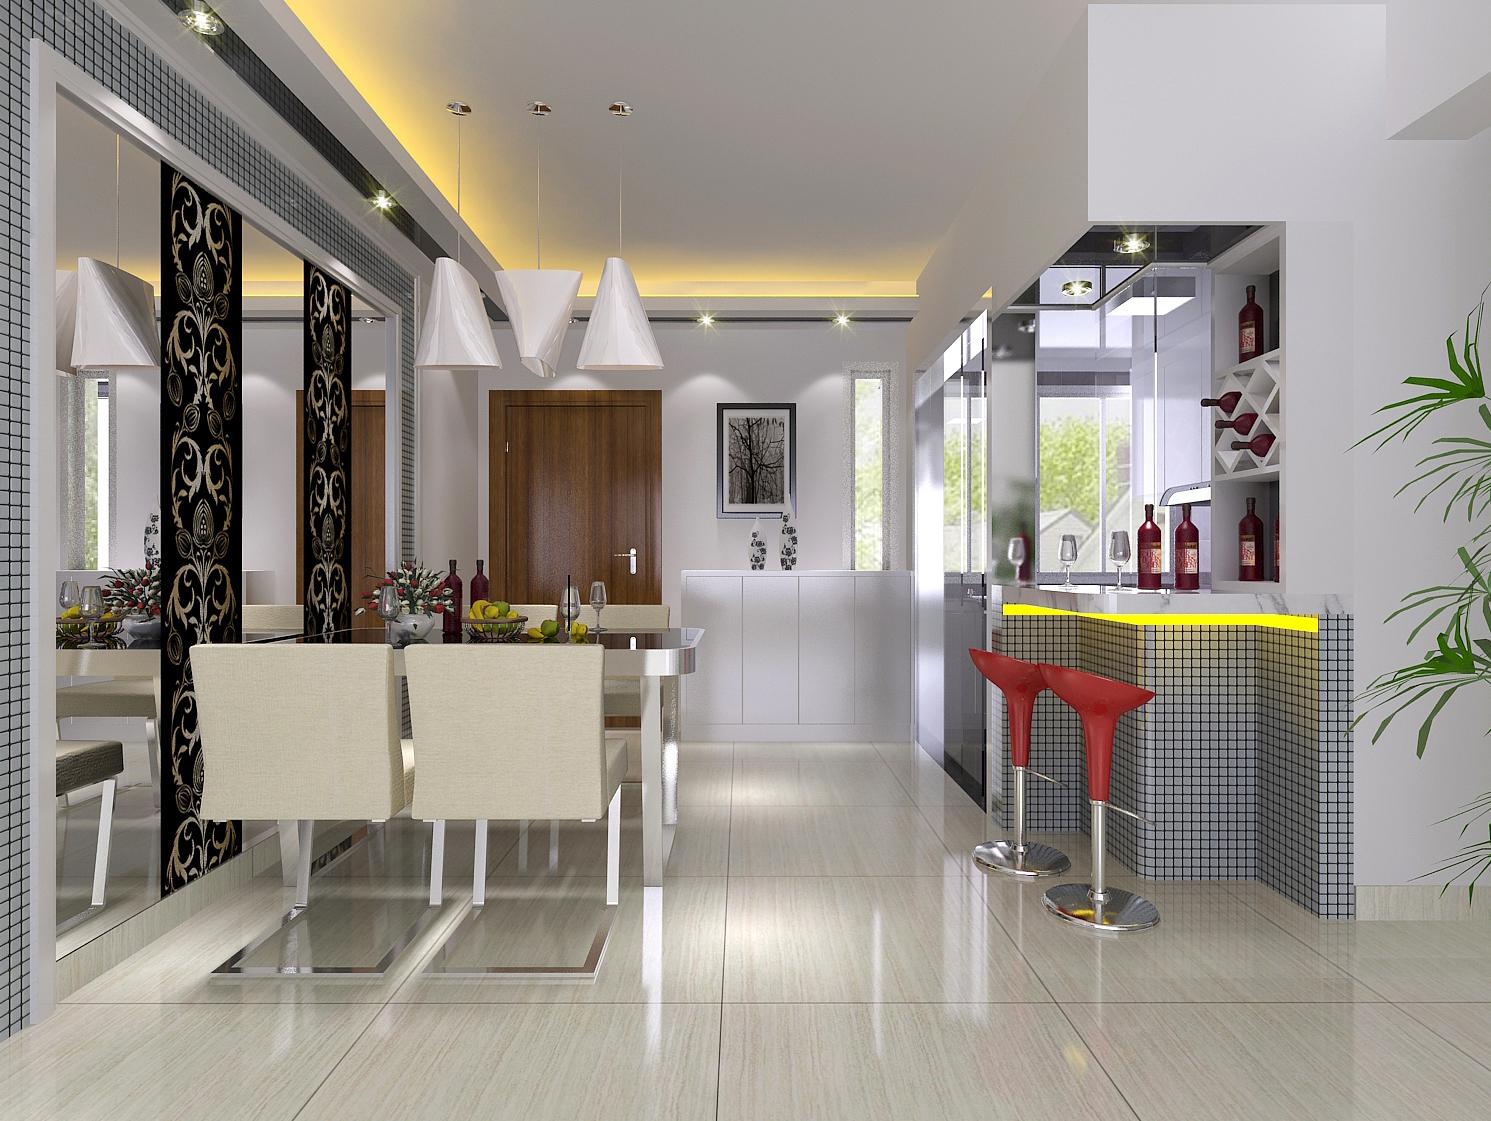 汇一城 简约 现代 浅色系 餐厅图片来自自然元素装饰在汇一城现代简约装修案例的分享